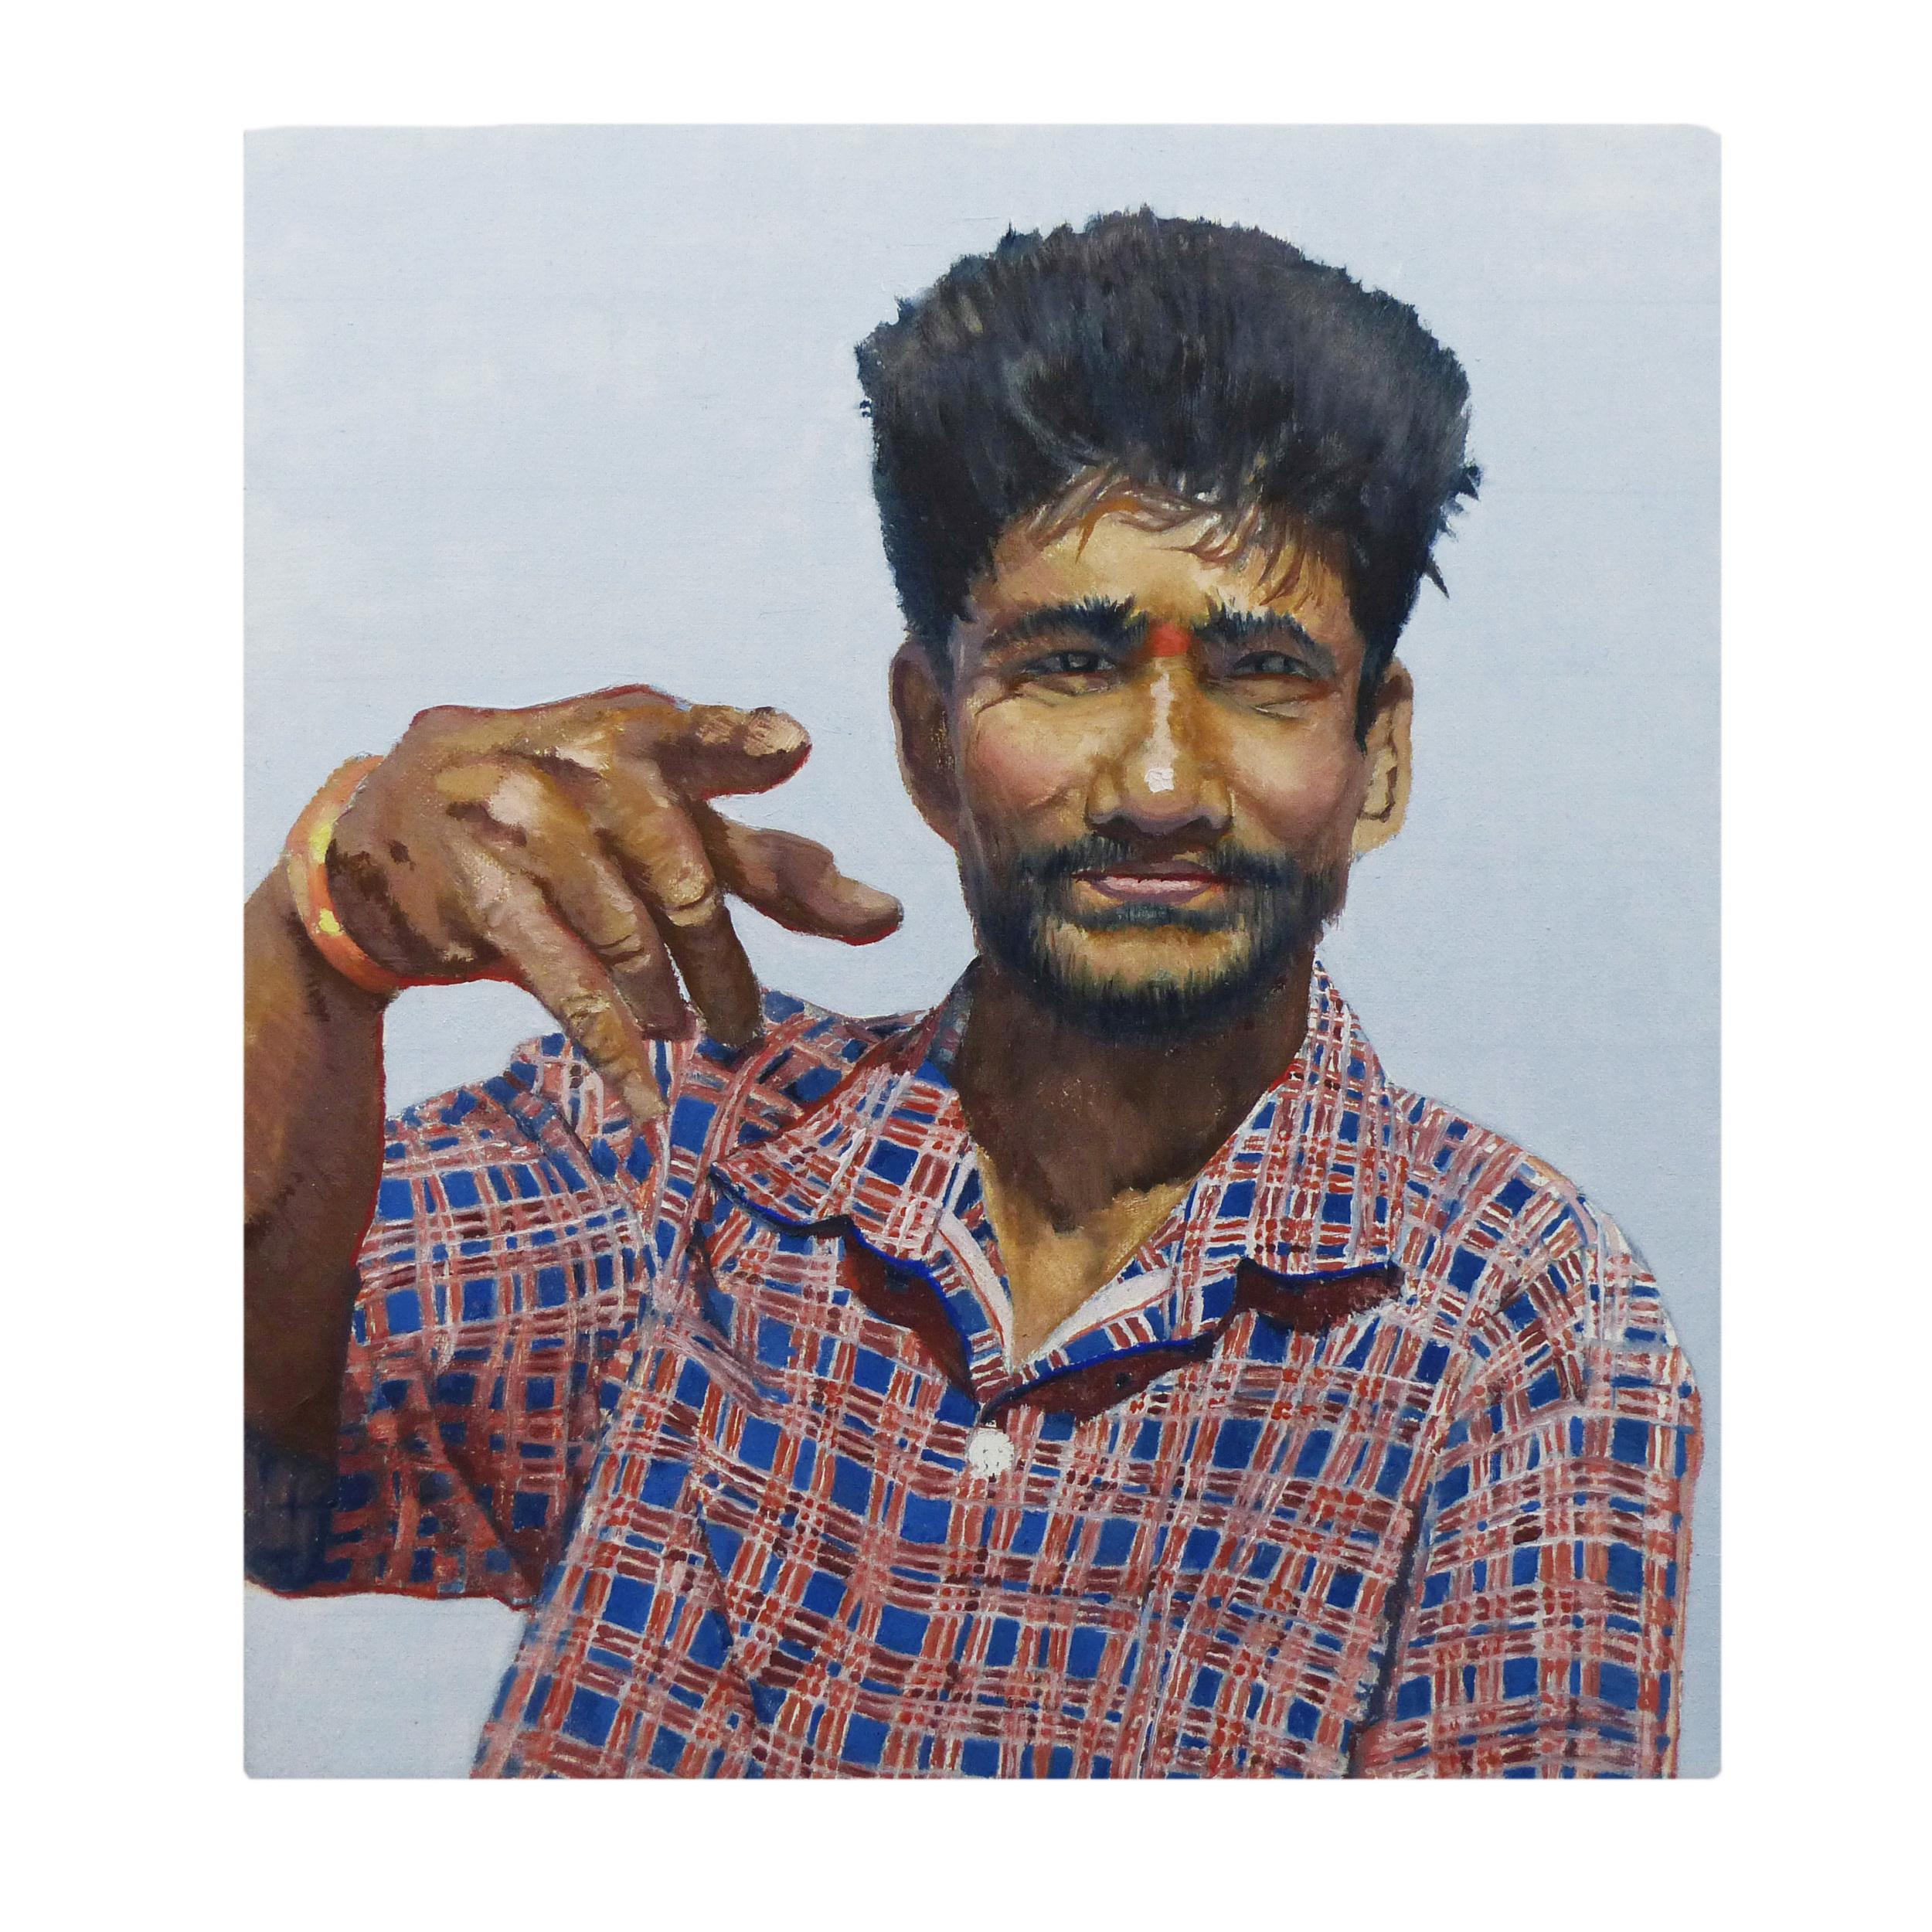 Mango Man: Mahabalipuram, 2013